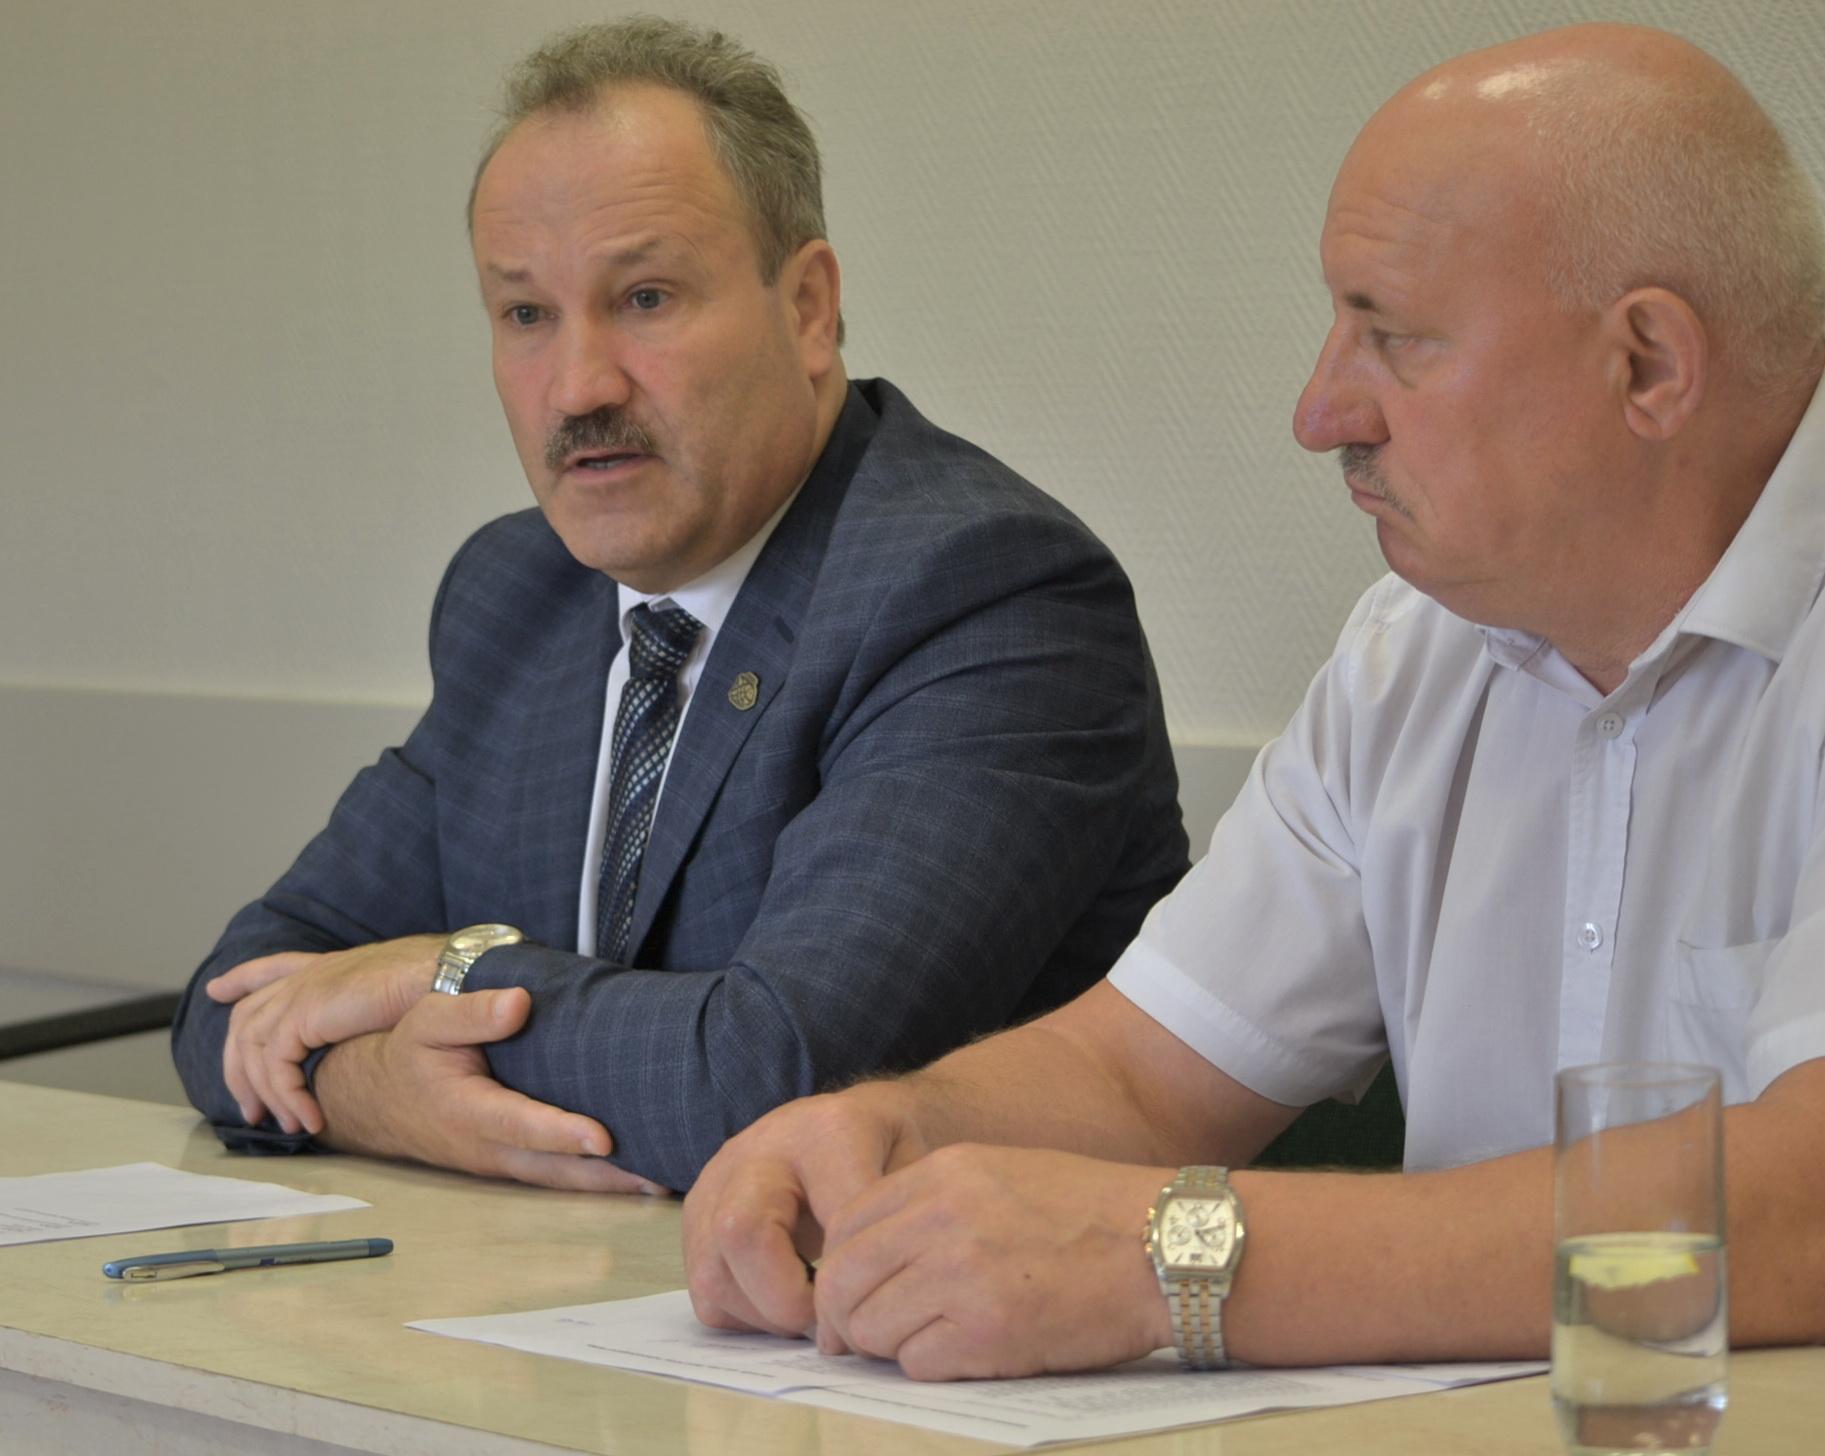 Apie nuveiktus darbus ir planus (beje, oficialiai) papasakojo meras Vytautas Laurinaitis ir Savivaldybės administracijos direktorius Sigitas Šeputis. Petro Skutulo nuotr.